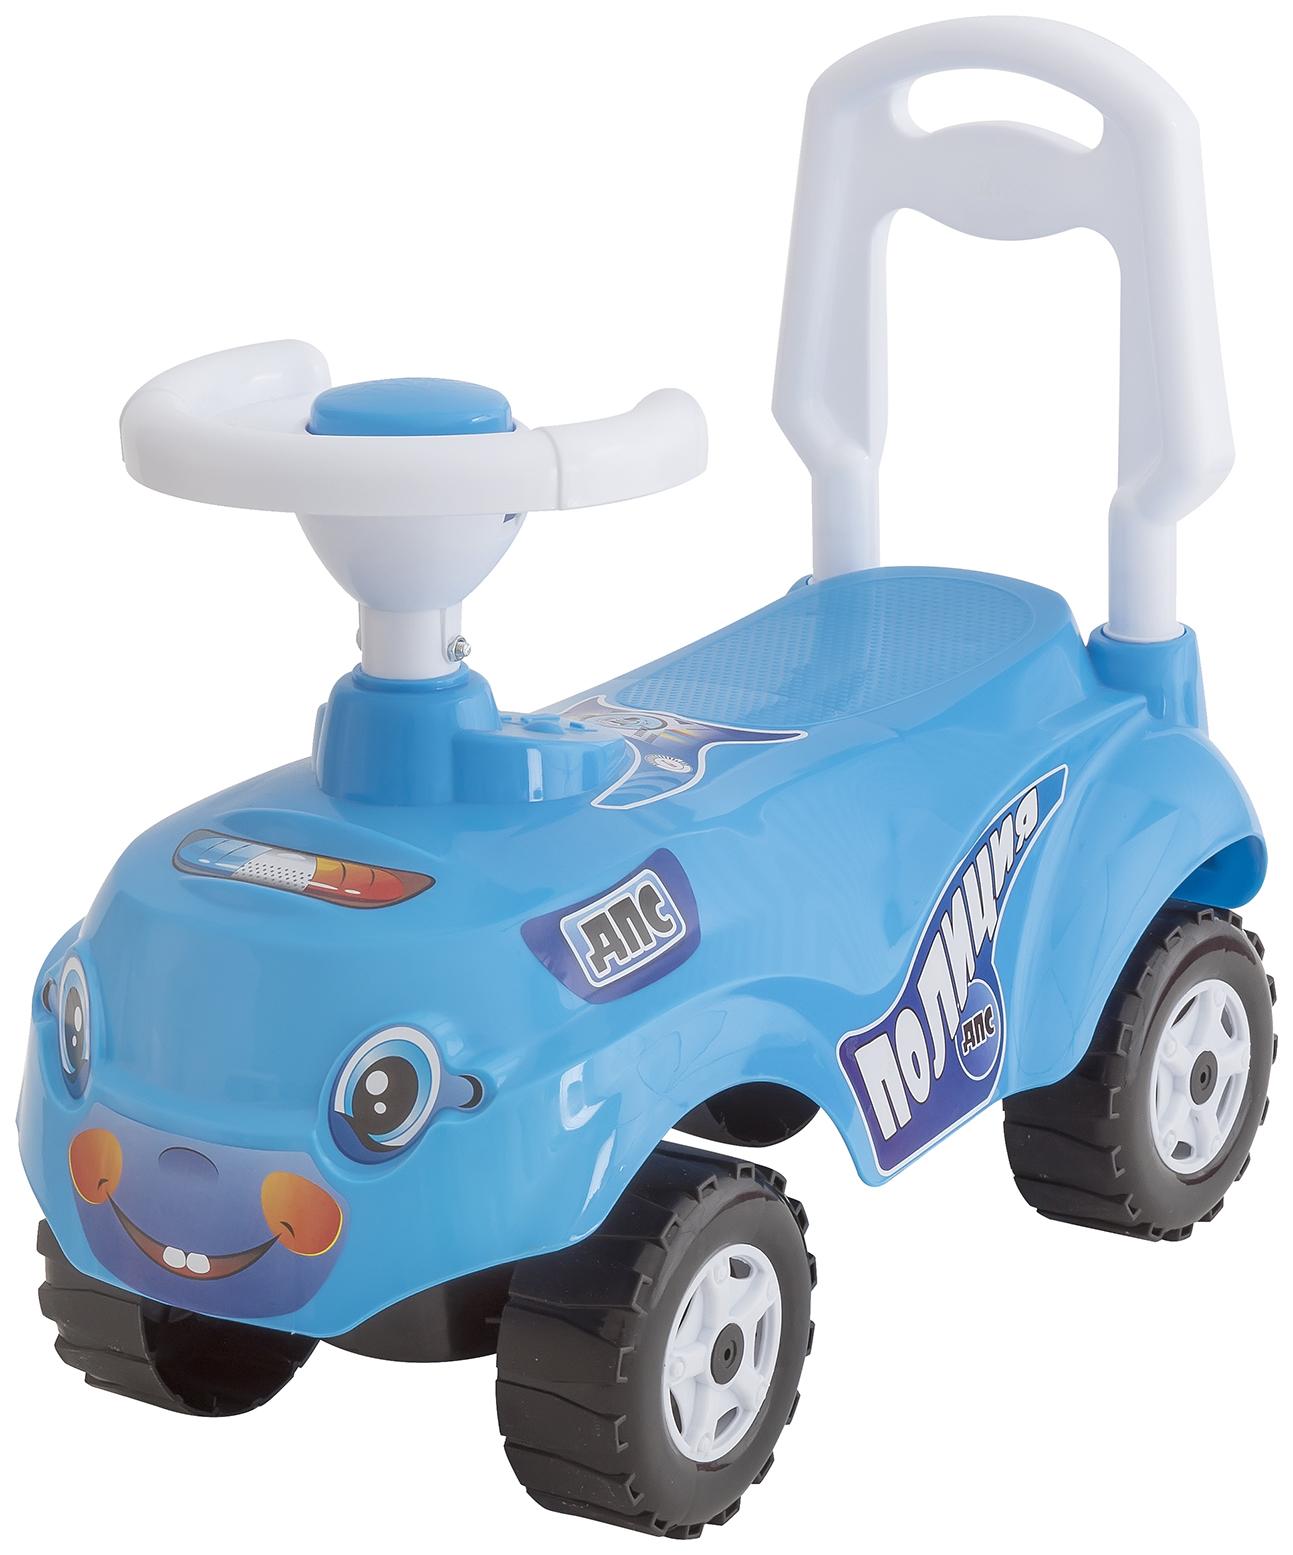 Купить Каталка детская Orion Машина Микрокар Дпс, Машинки каталки